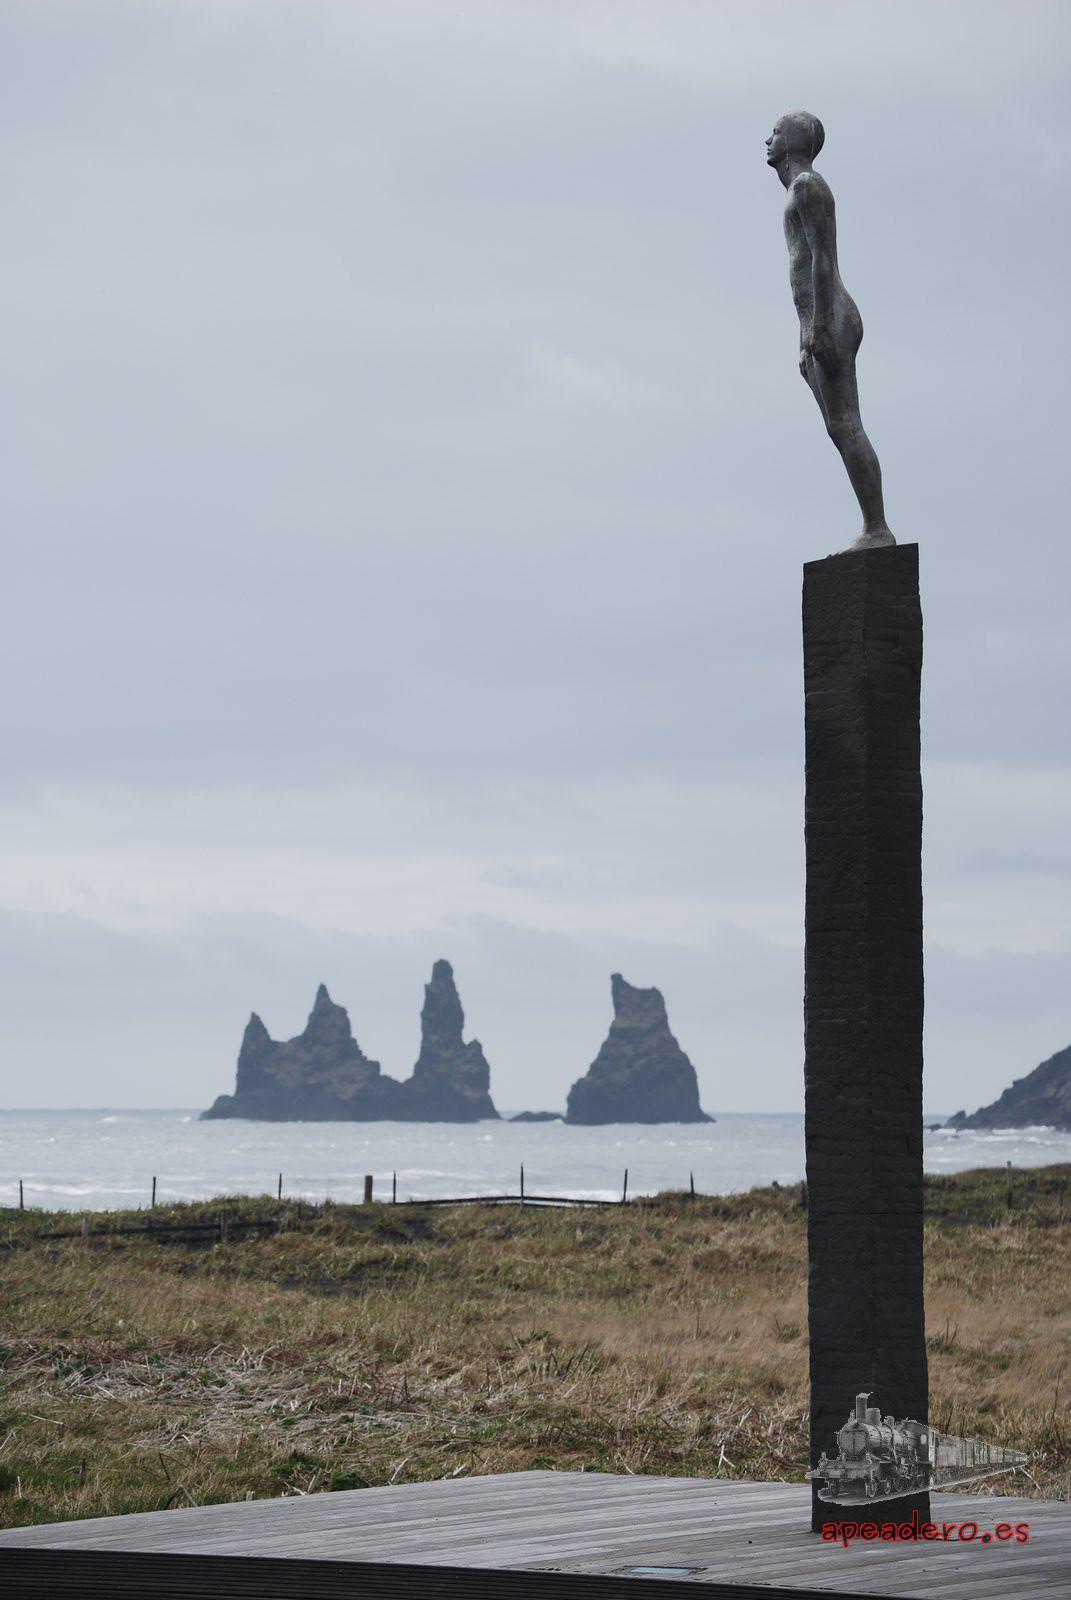 Los paisajes desde la playa de arena negra de Vik son estremecedores. No me extraña que haya tantas series y películas que hayan elegido estas costas para filmar.